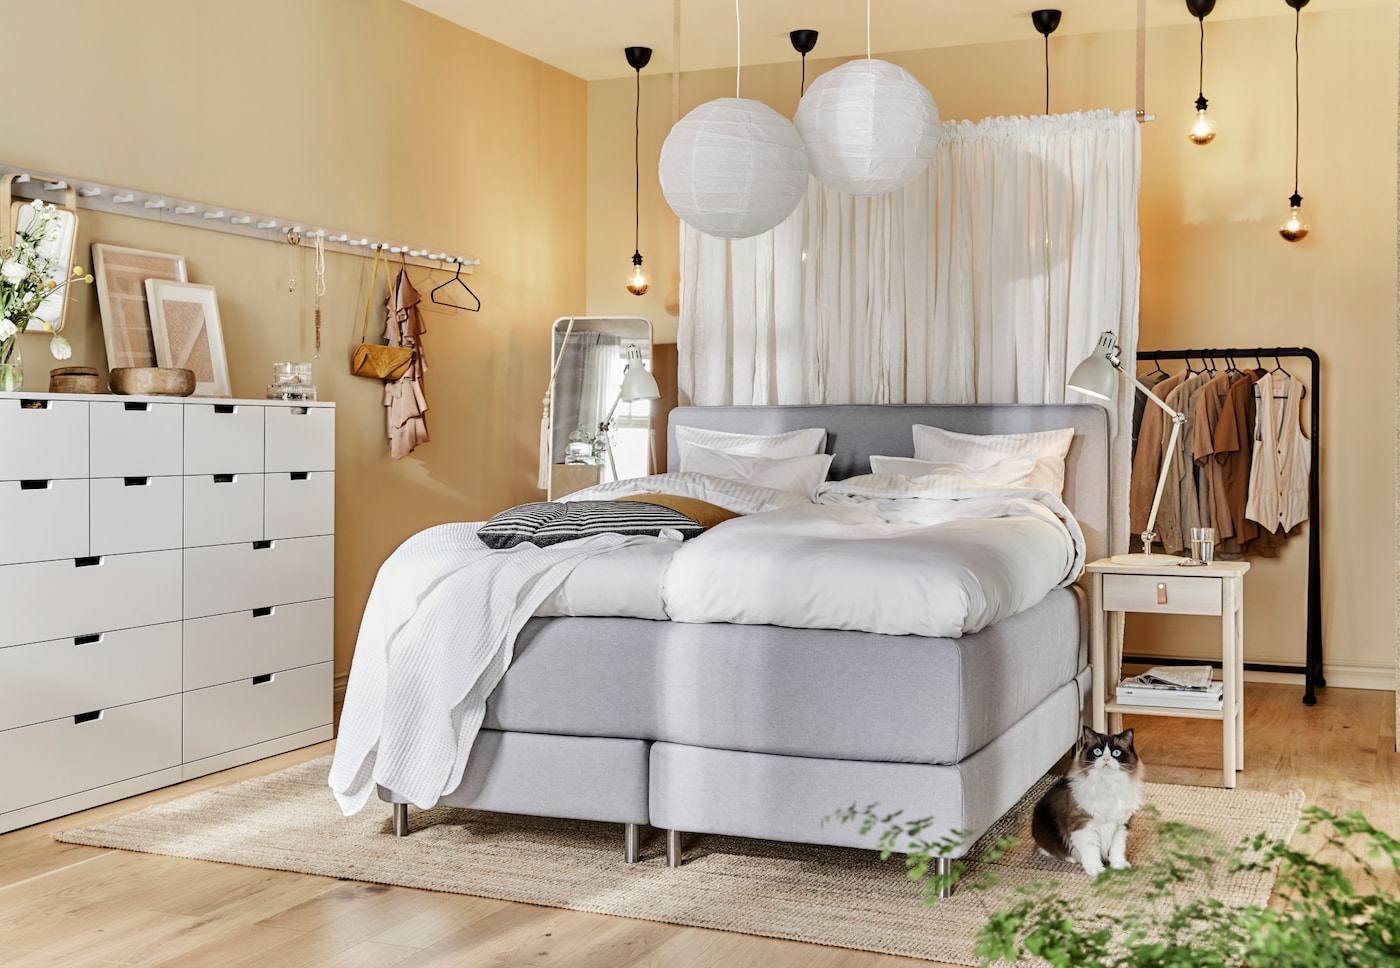 VEin Schlafzimmer mit Deckenlampen, DUNVIK Boxspringbett und NORDLI Kommode